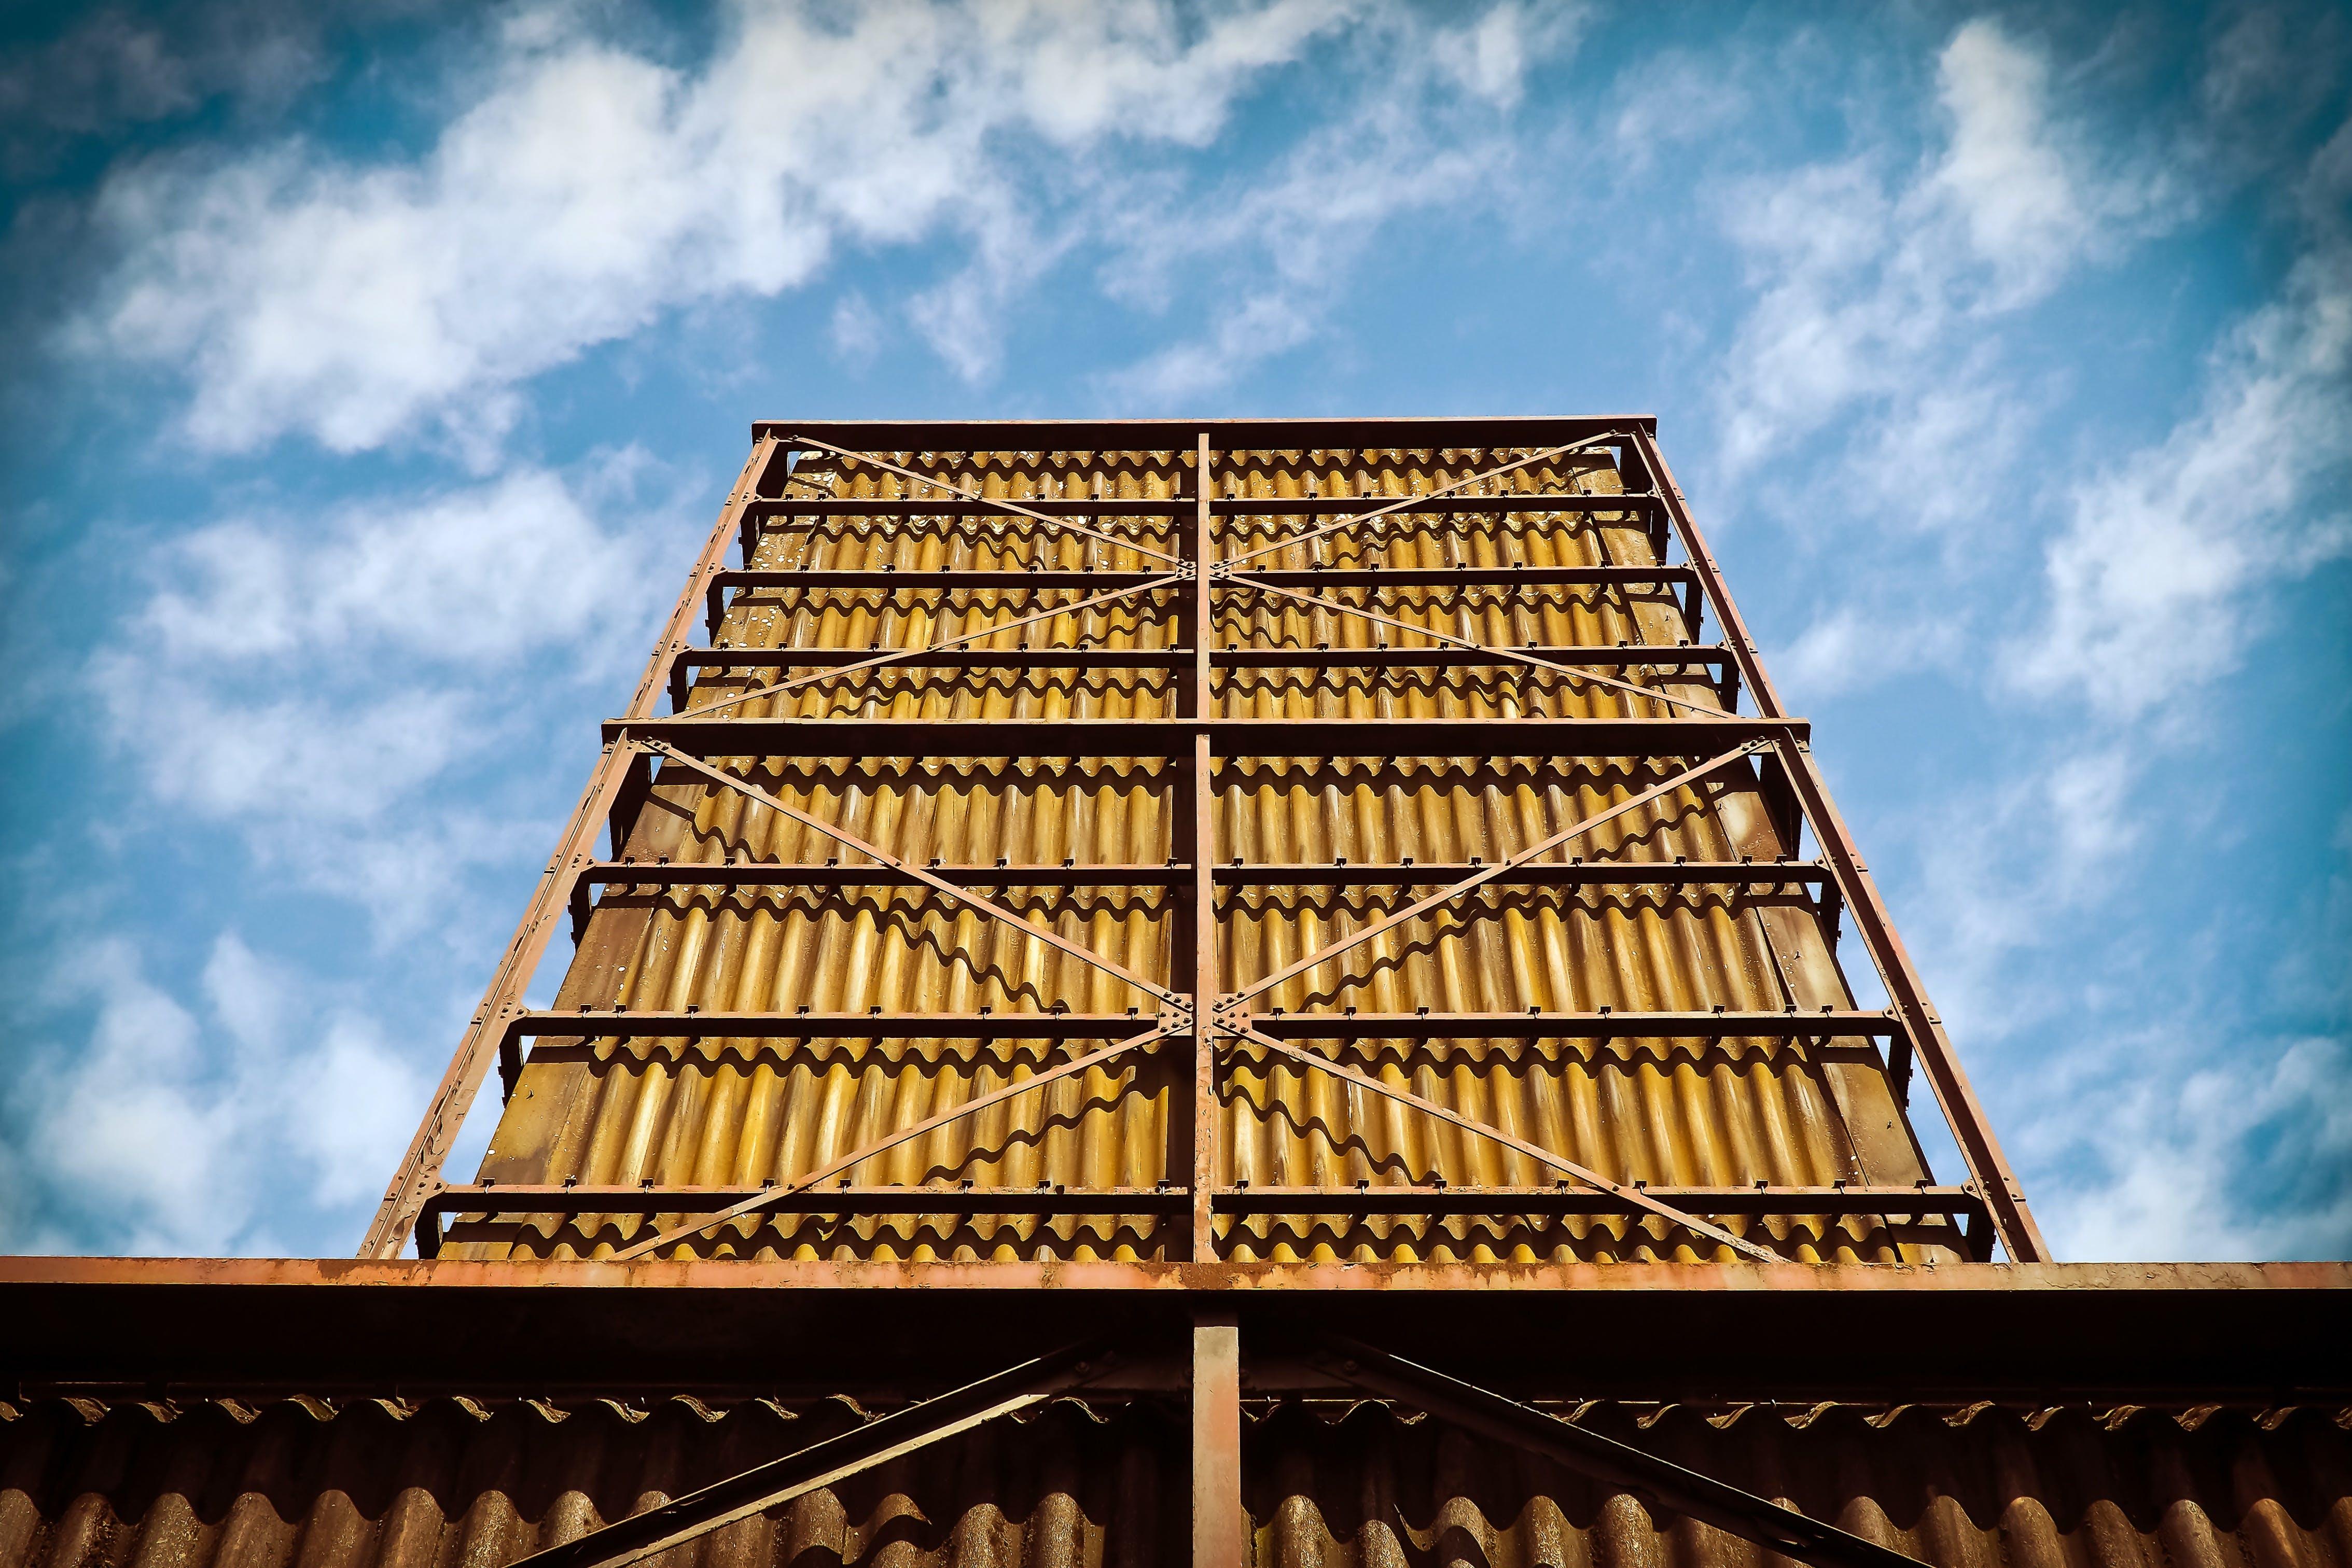 Brown Metal Building Under Cloudy Sky